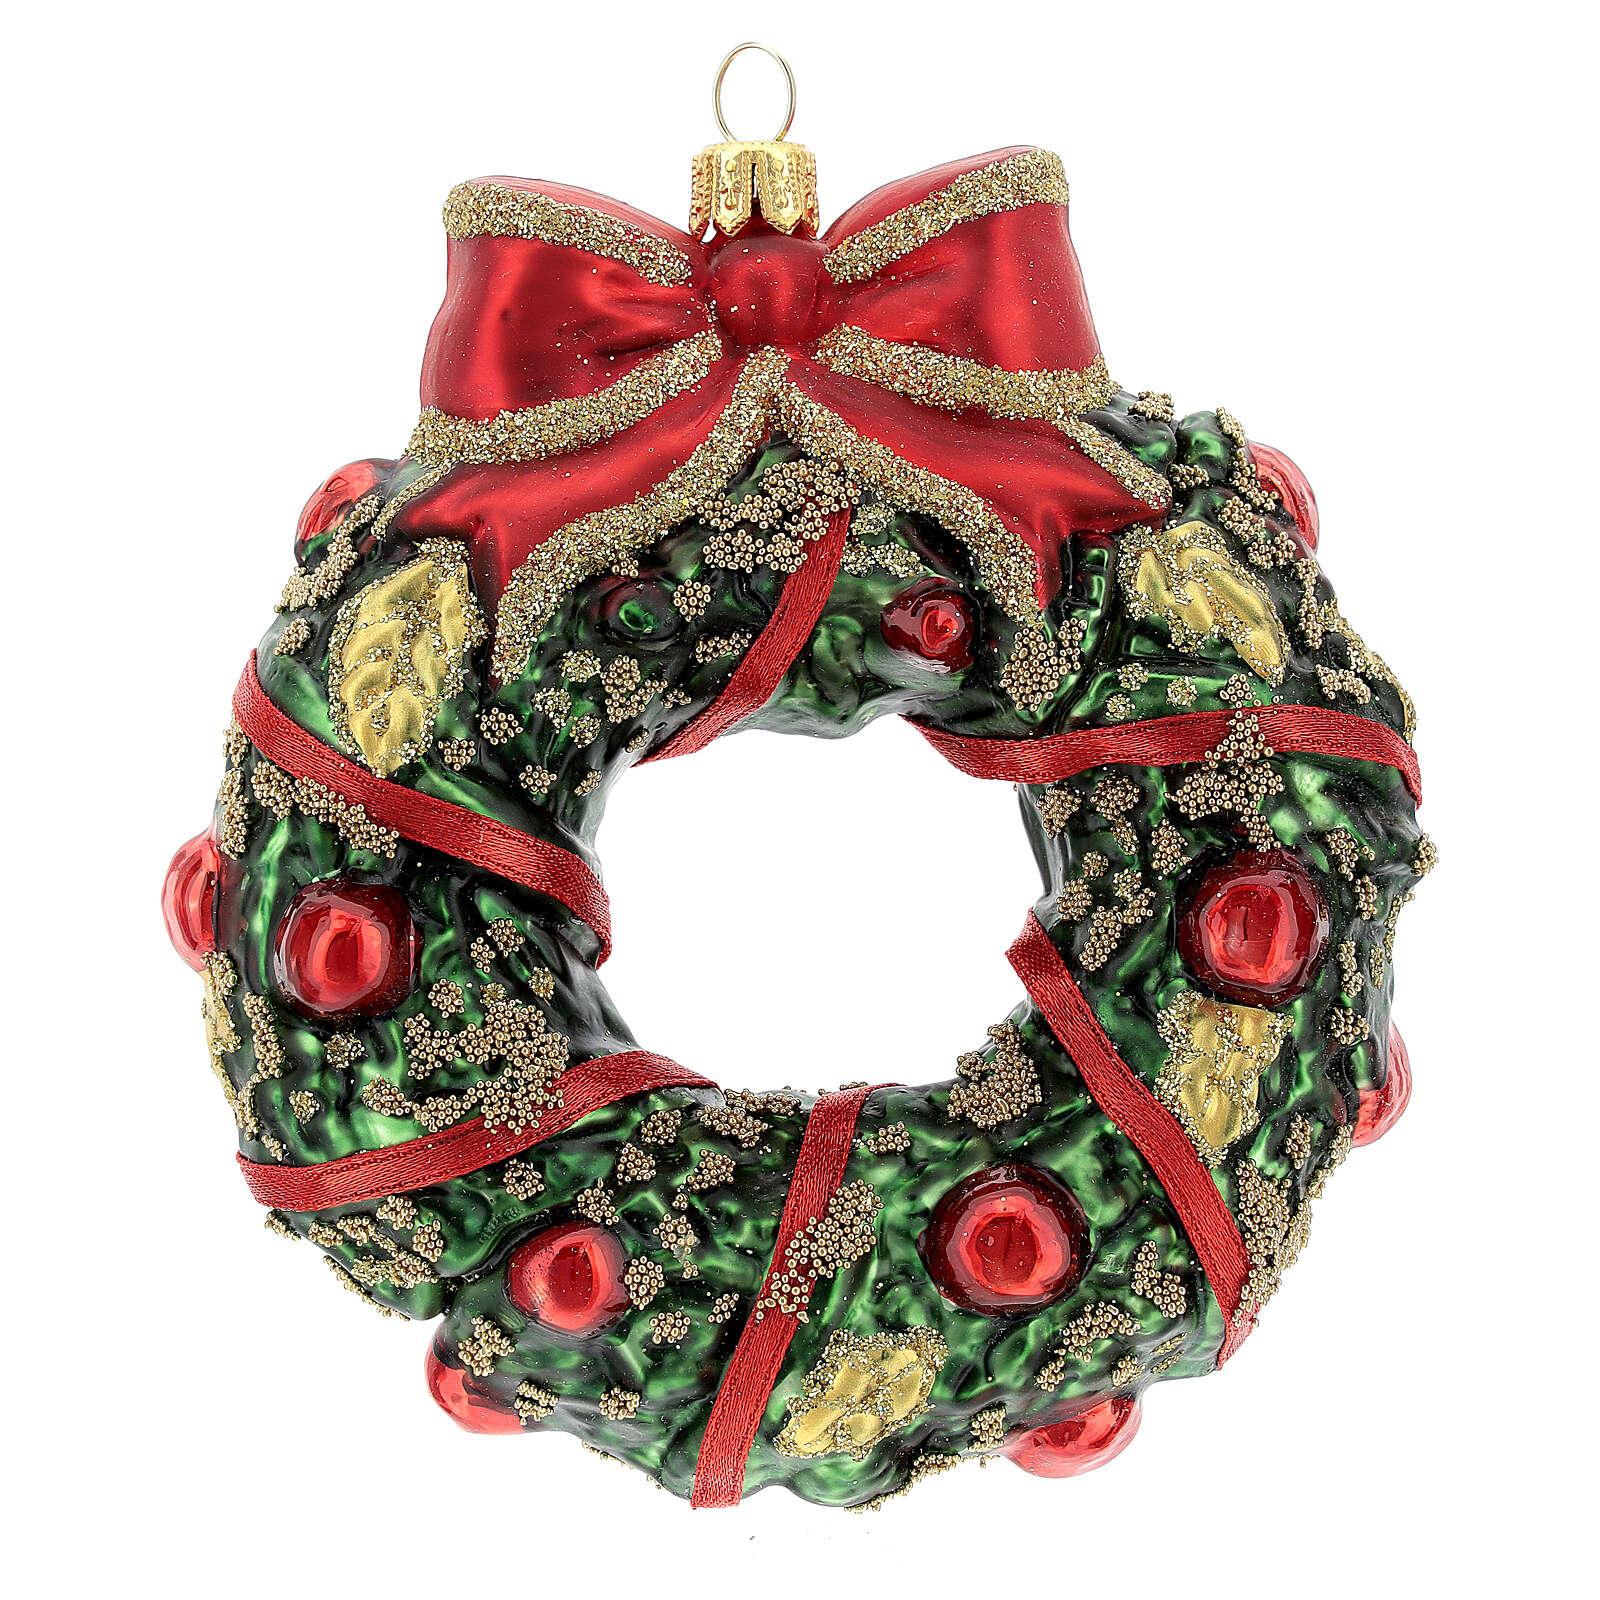 Guirnalda navideña vidrio soplado decoración árbol Navidad 4